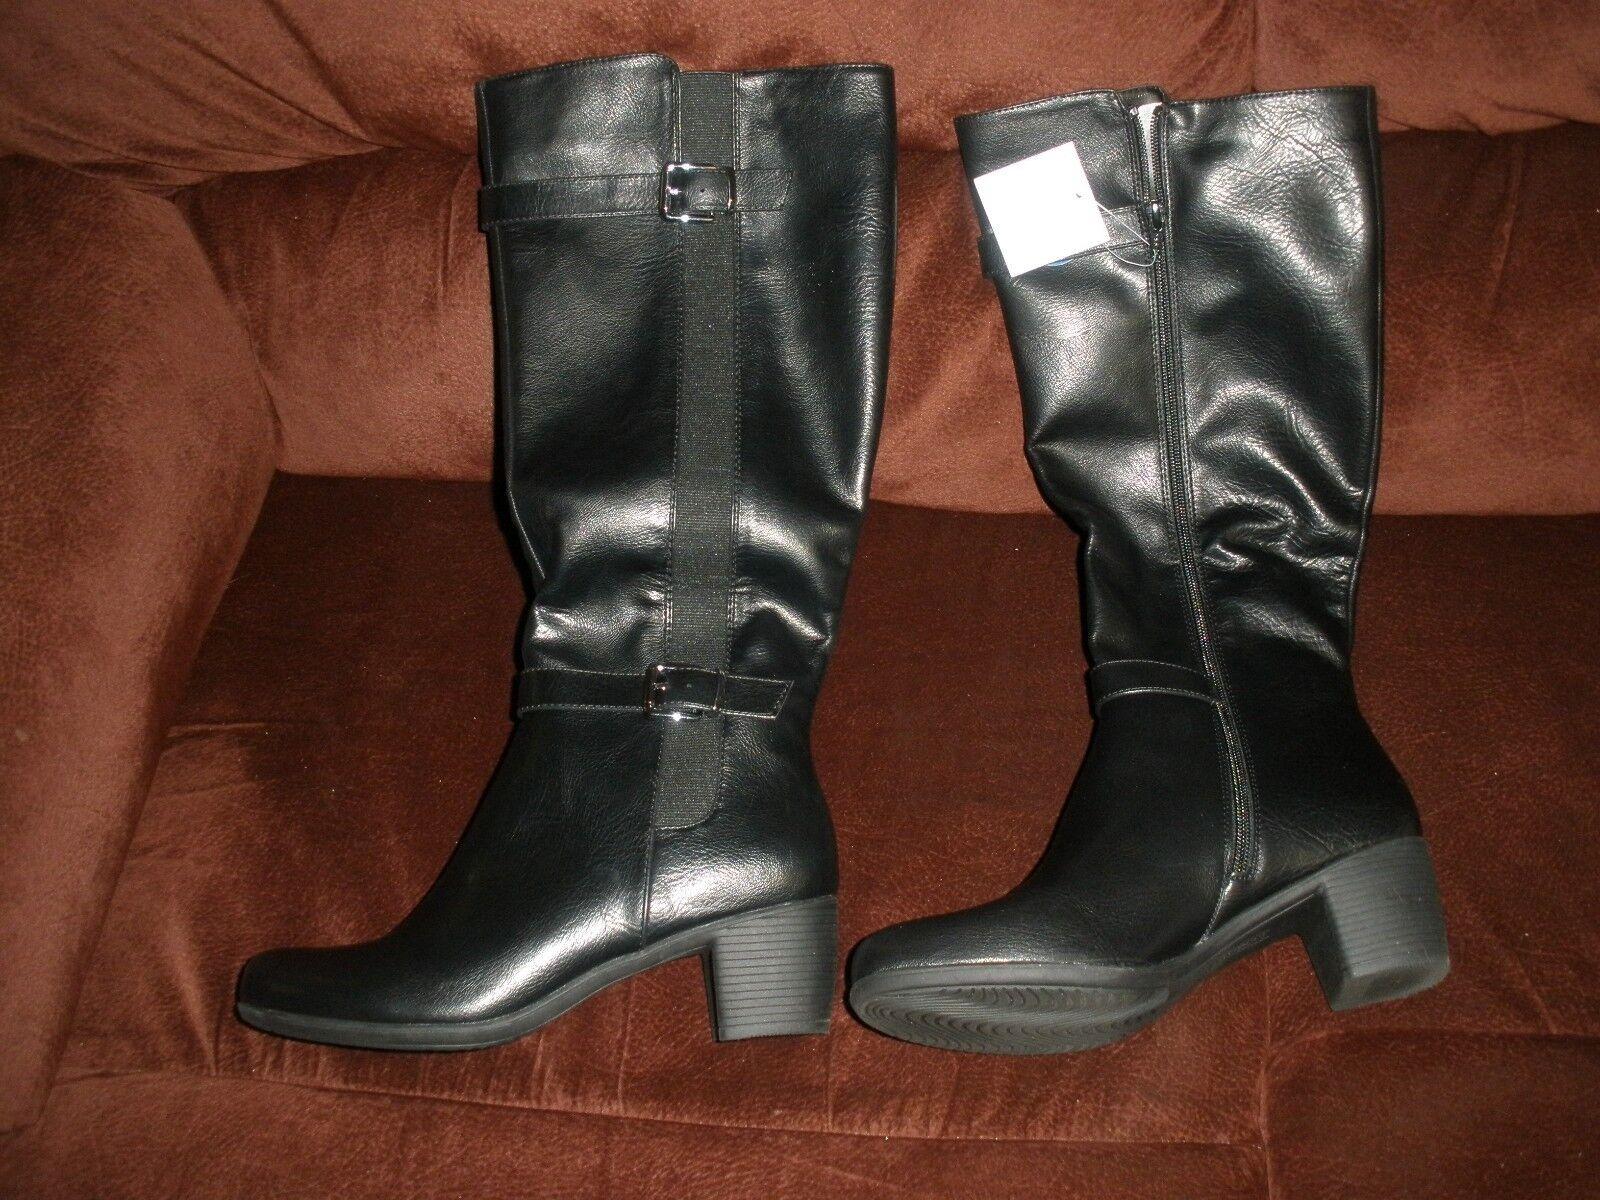 vendita online NEW NEW NEW CROFT & BARROW Dimensione 10 donna stivali nero CBBEV  89.99 WITH BOX  outlet